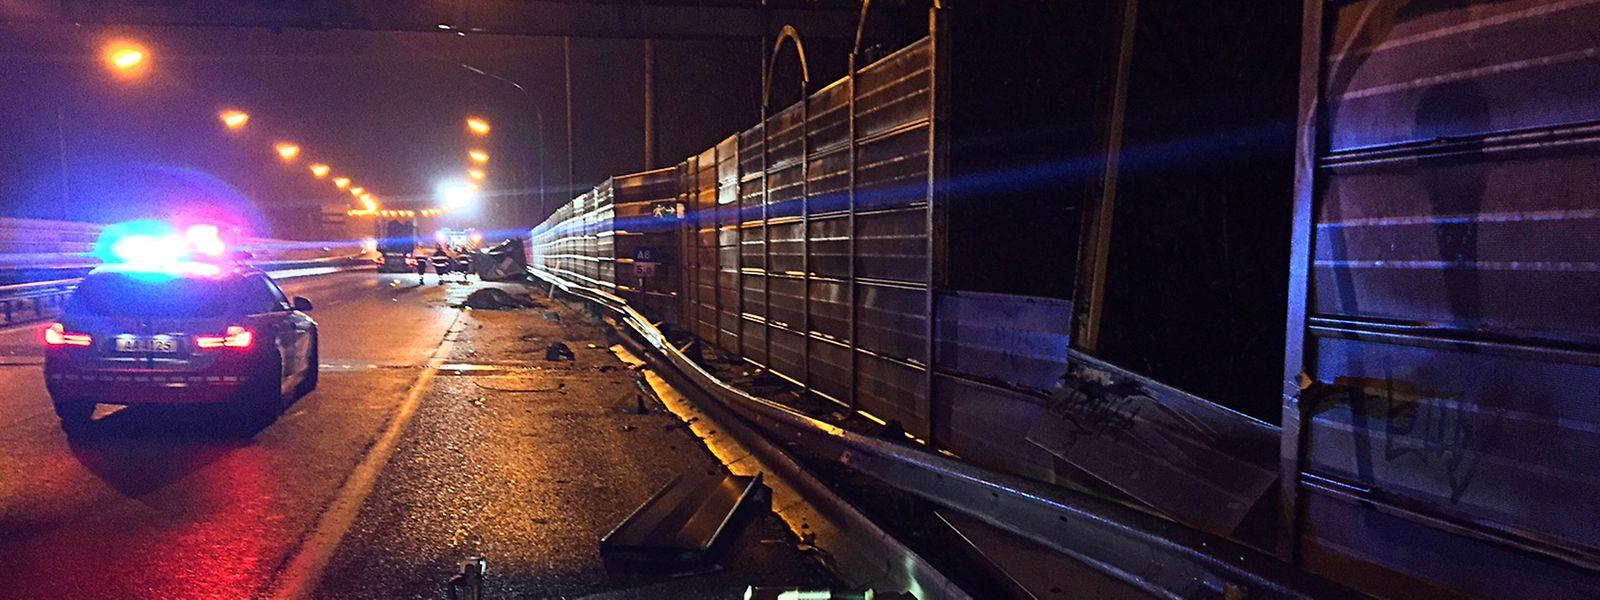 La remorque a été projetée contre les rails de sécurité. L'impact a été tel que l'animal s'est retrouvé sur l'autoroute.